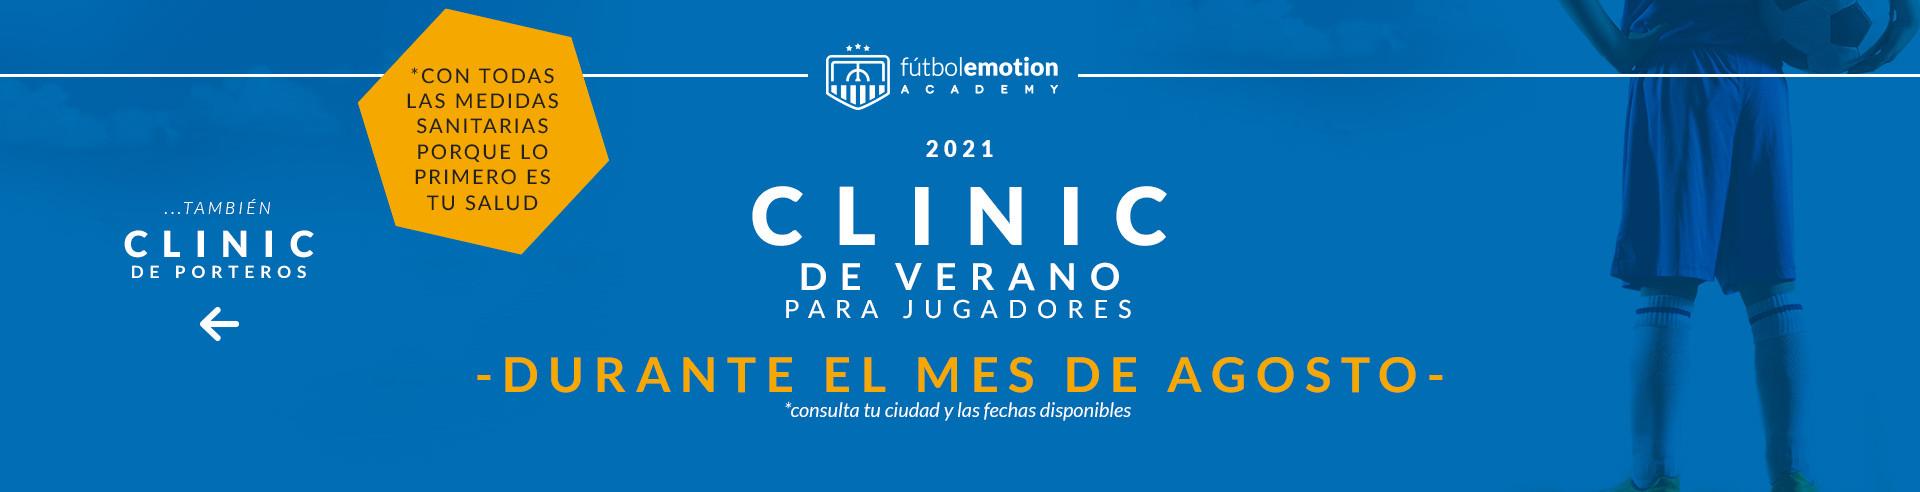 Clinic jugadores verano 2021